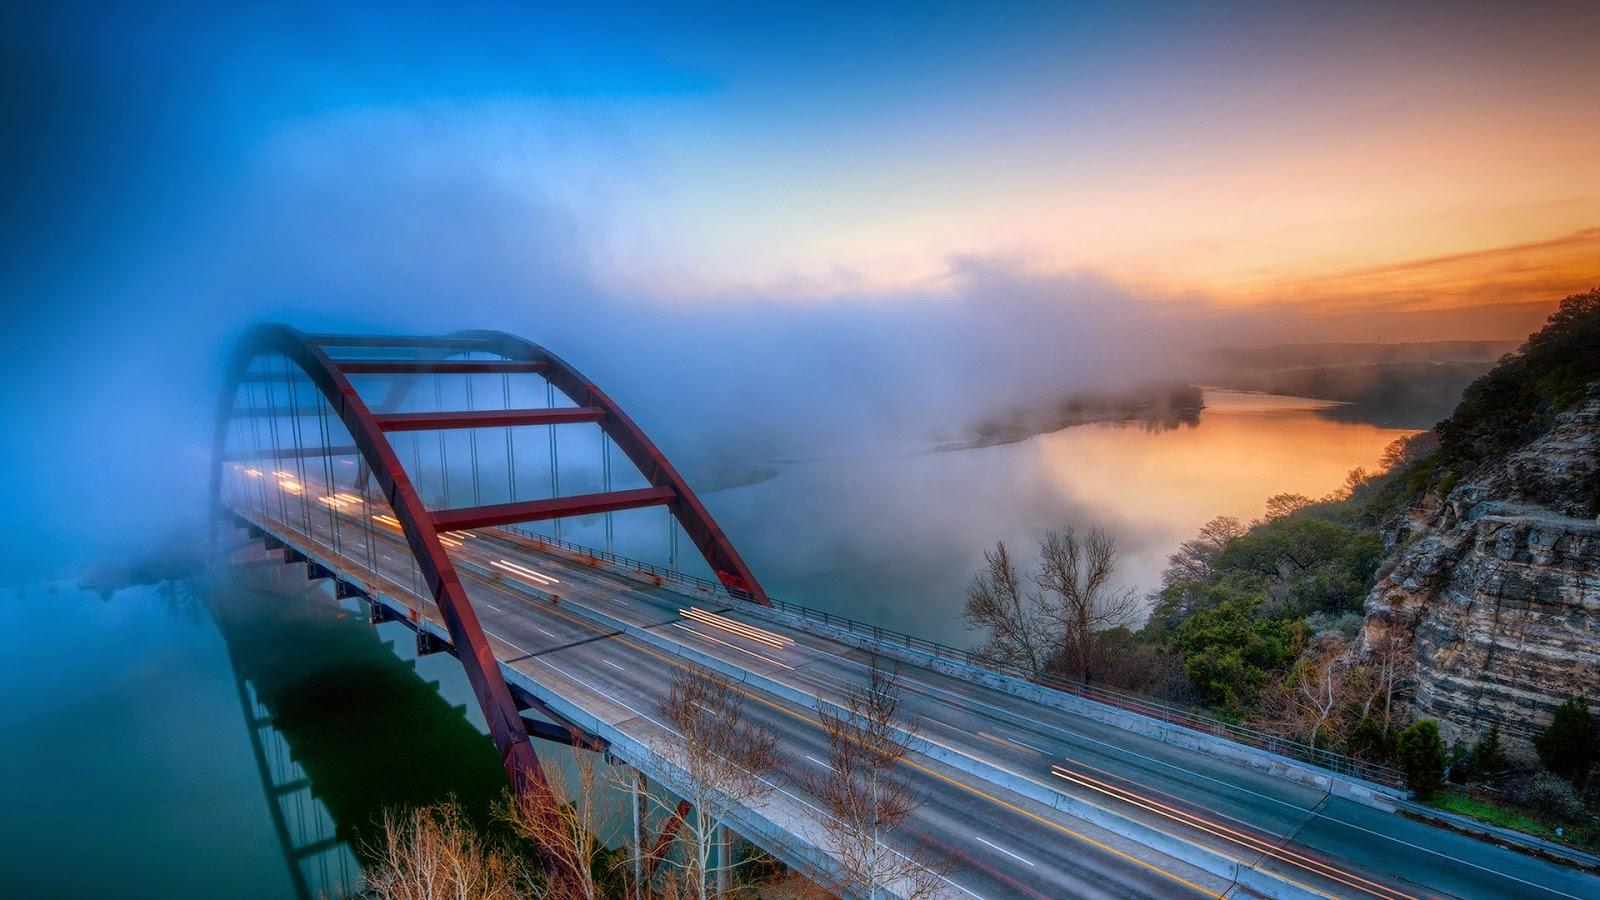 Mooie wallpaper met brug in de mist